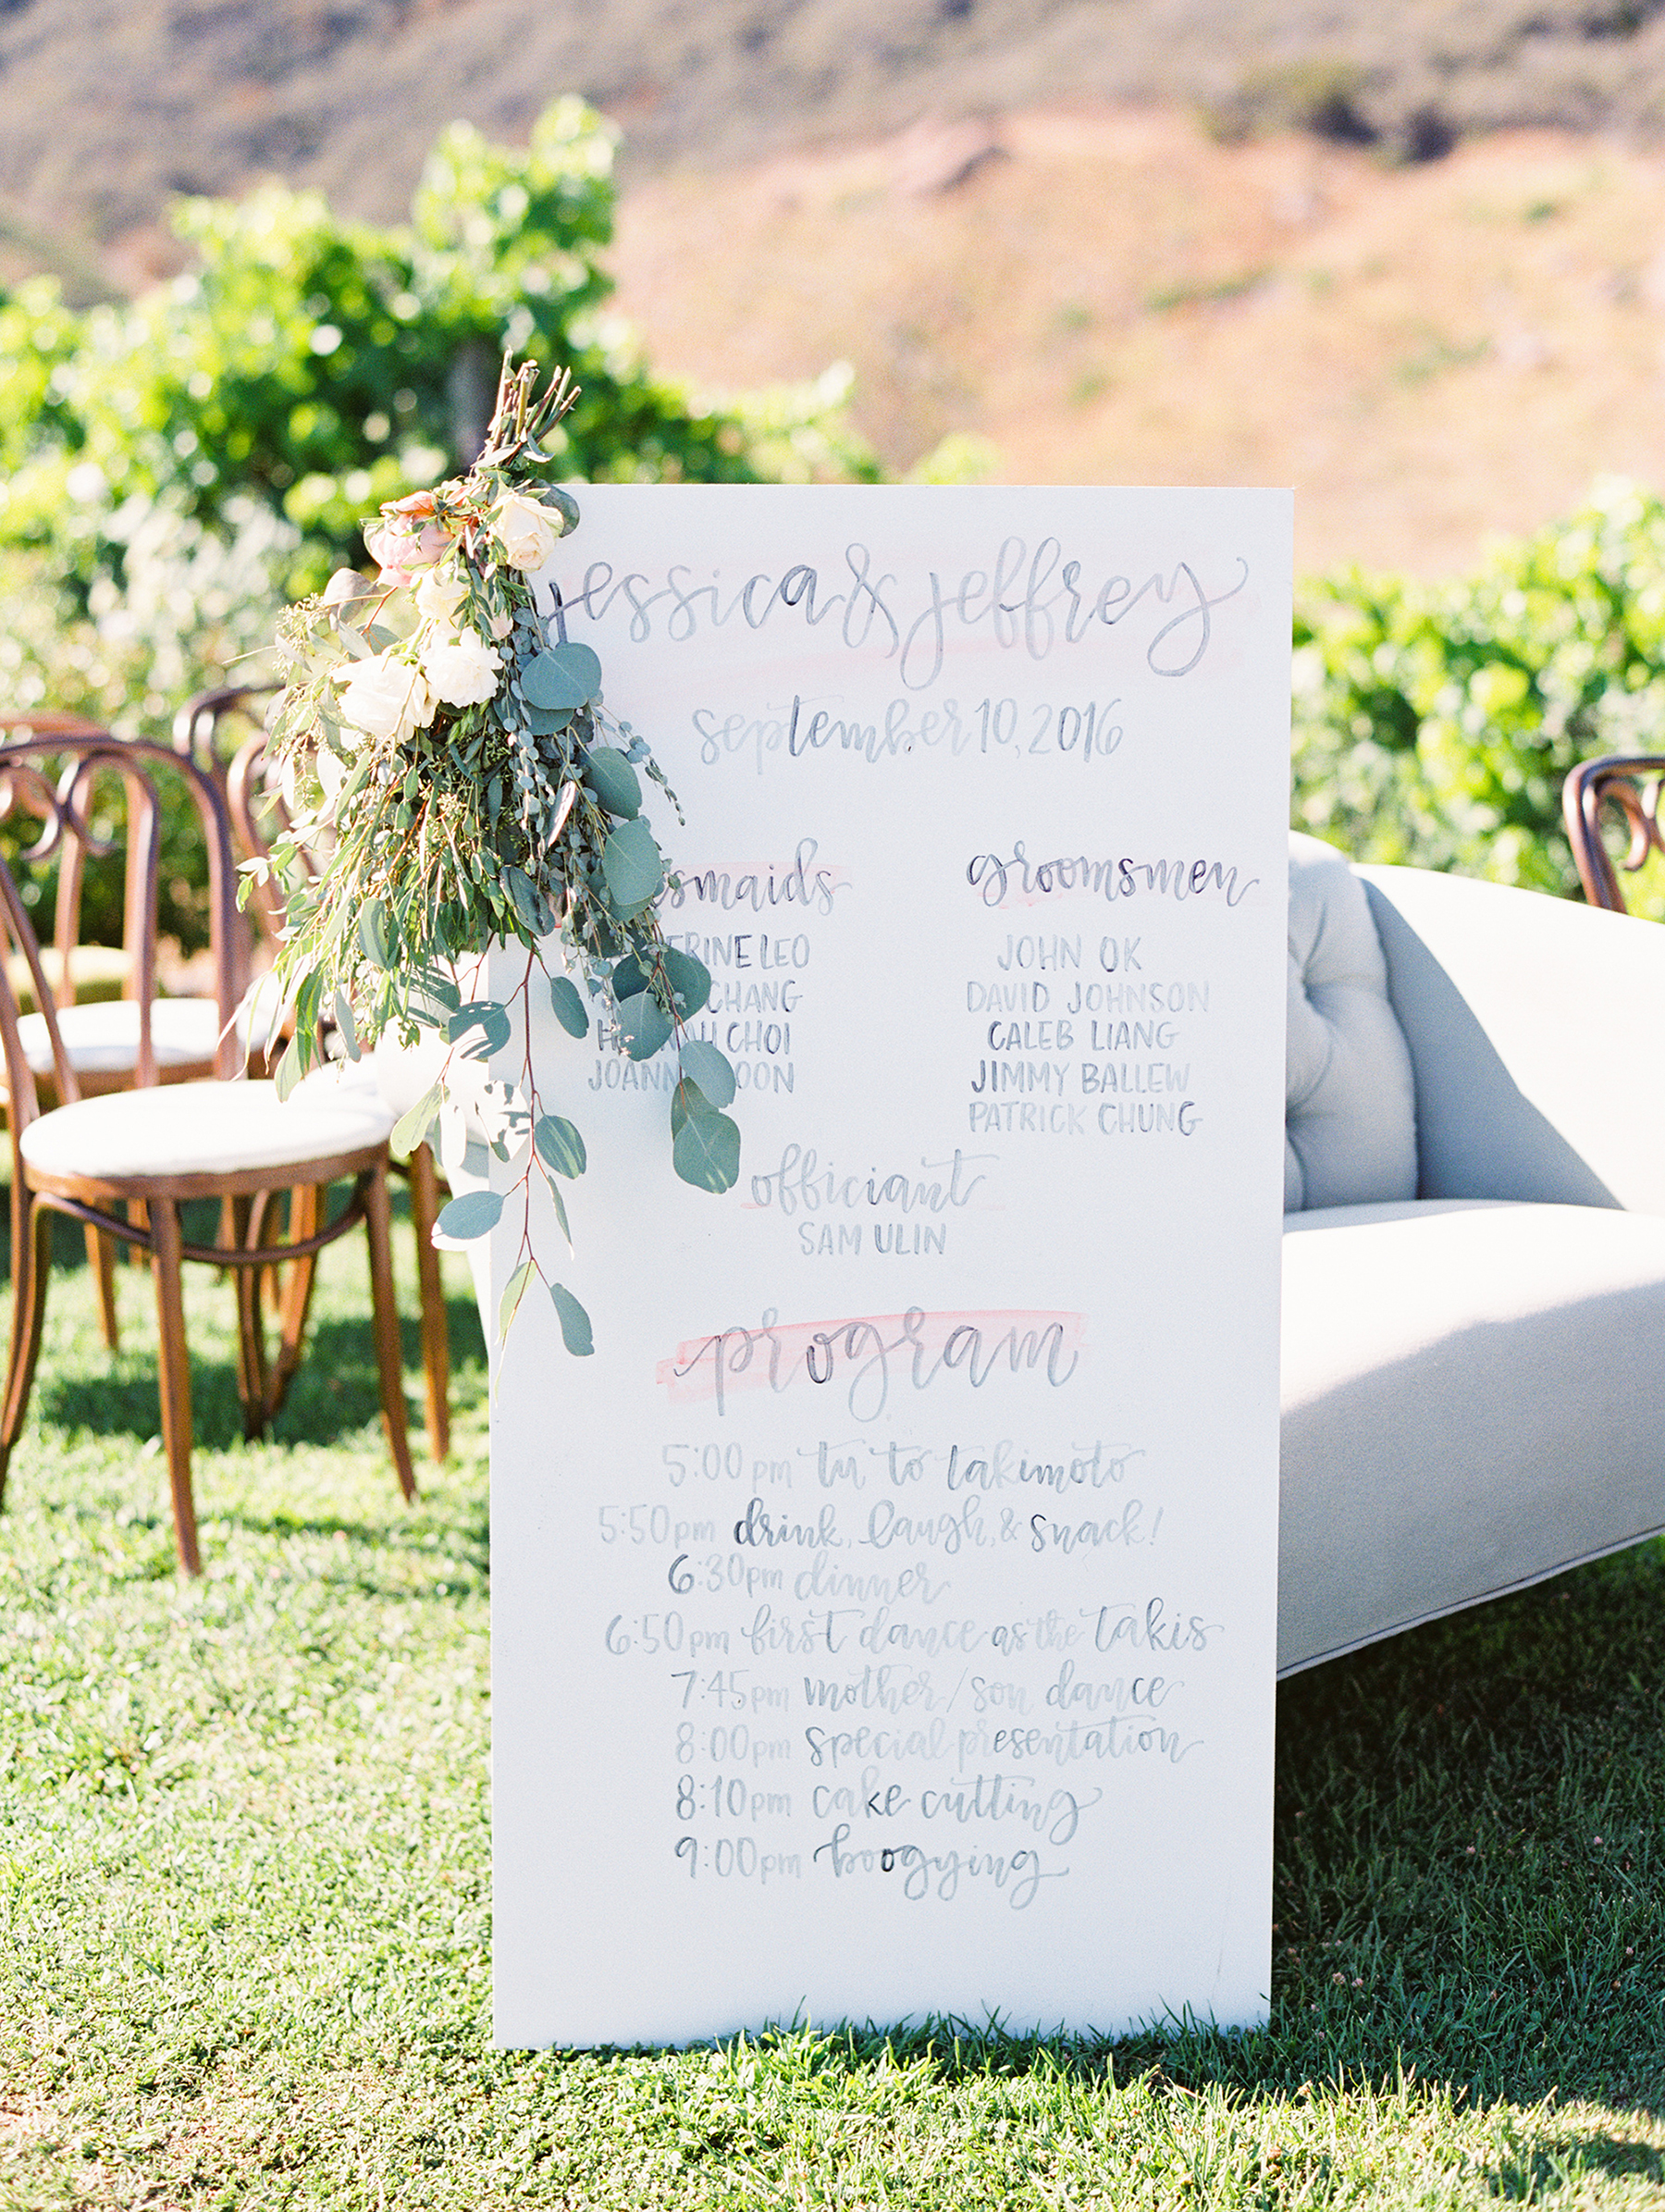 44 Perfect Wedding Ceremony Programs